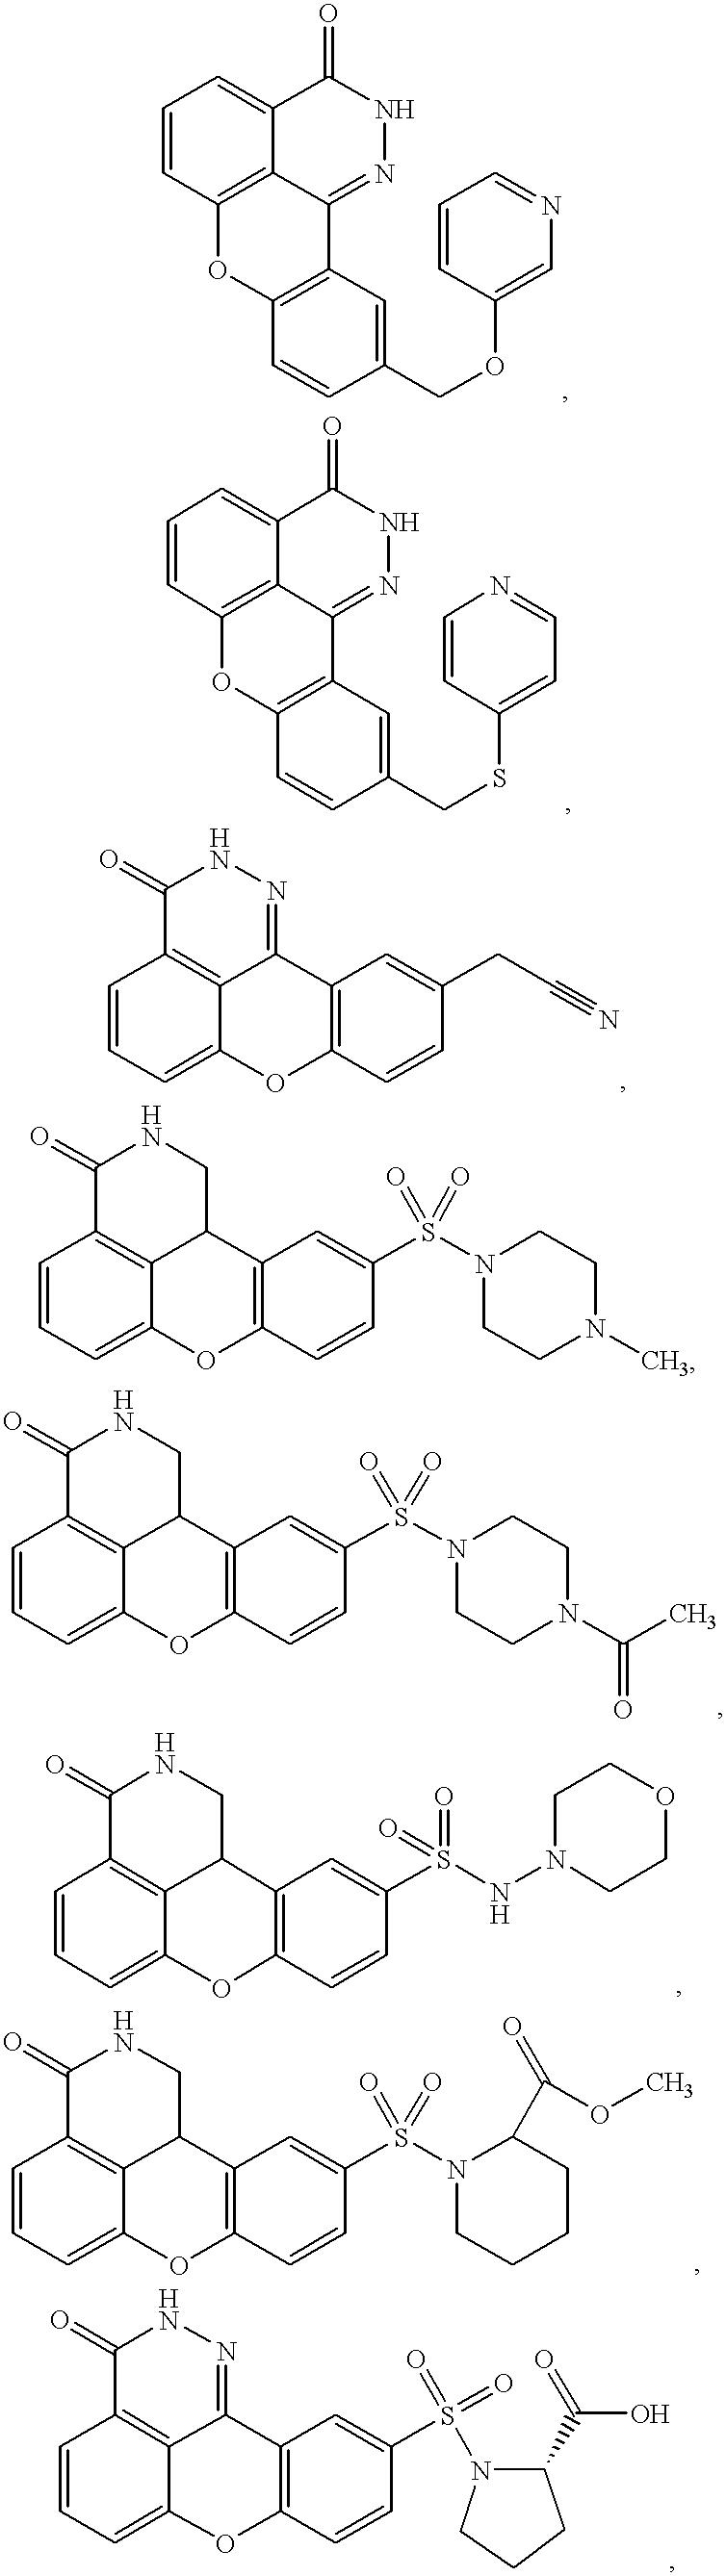 Figure US06291425-20010918-C00018